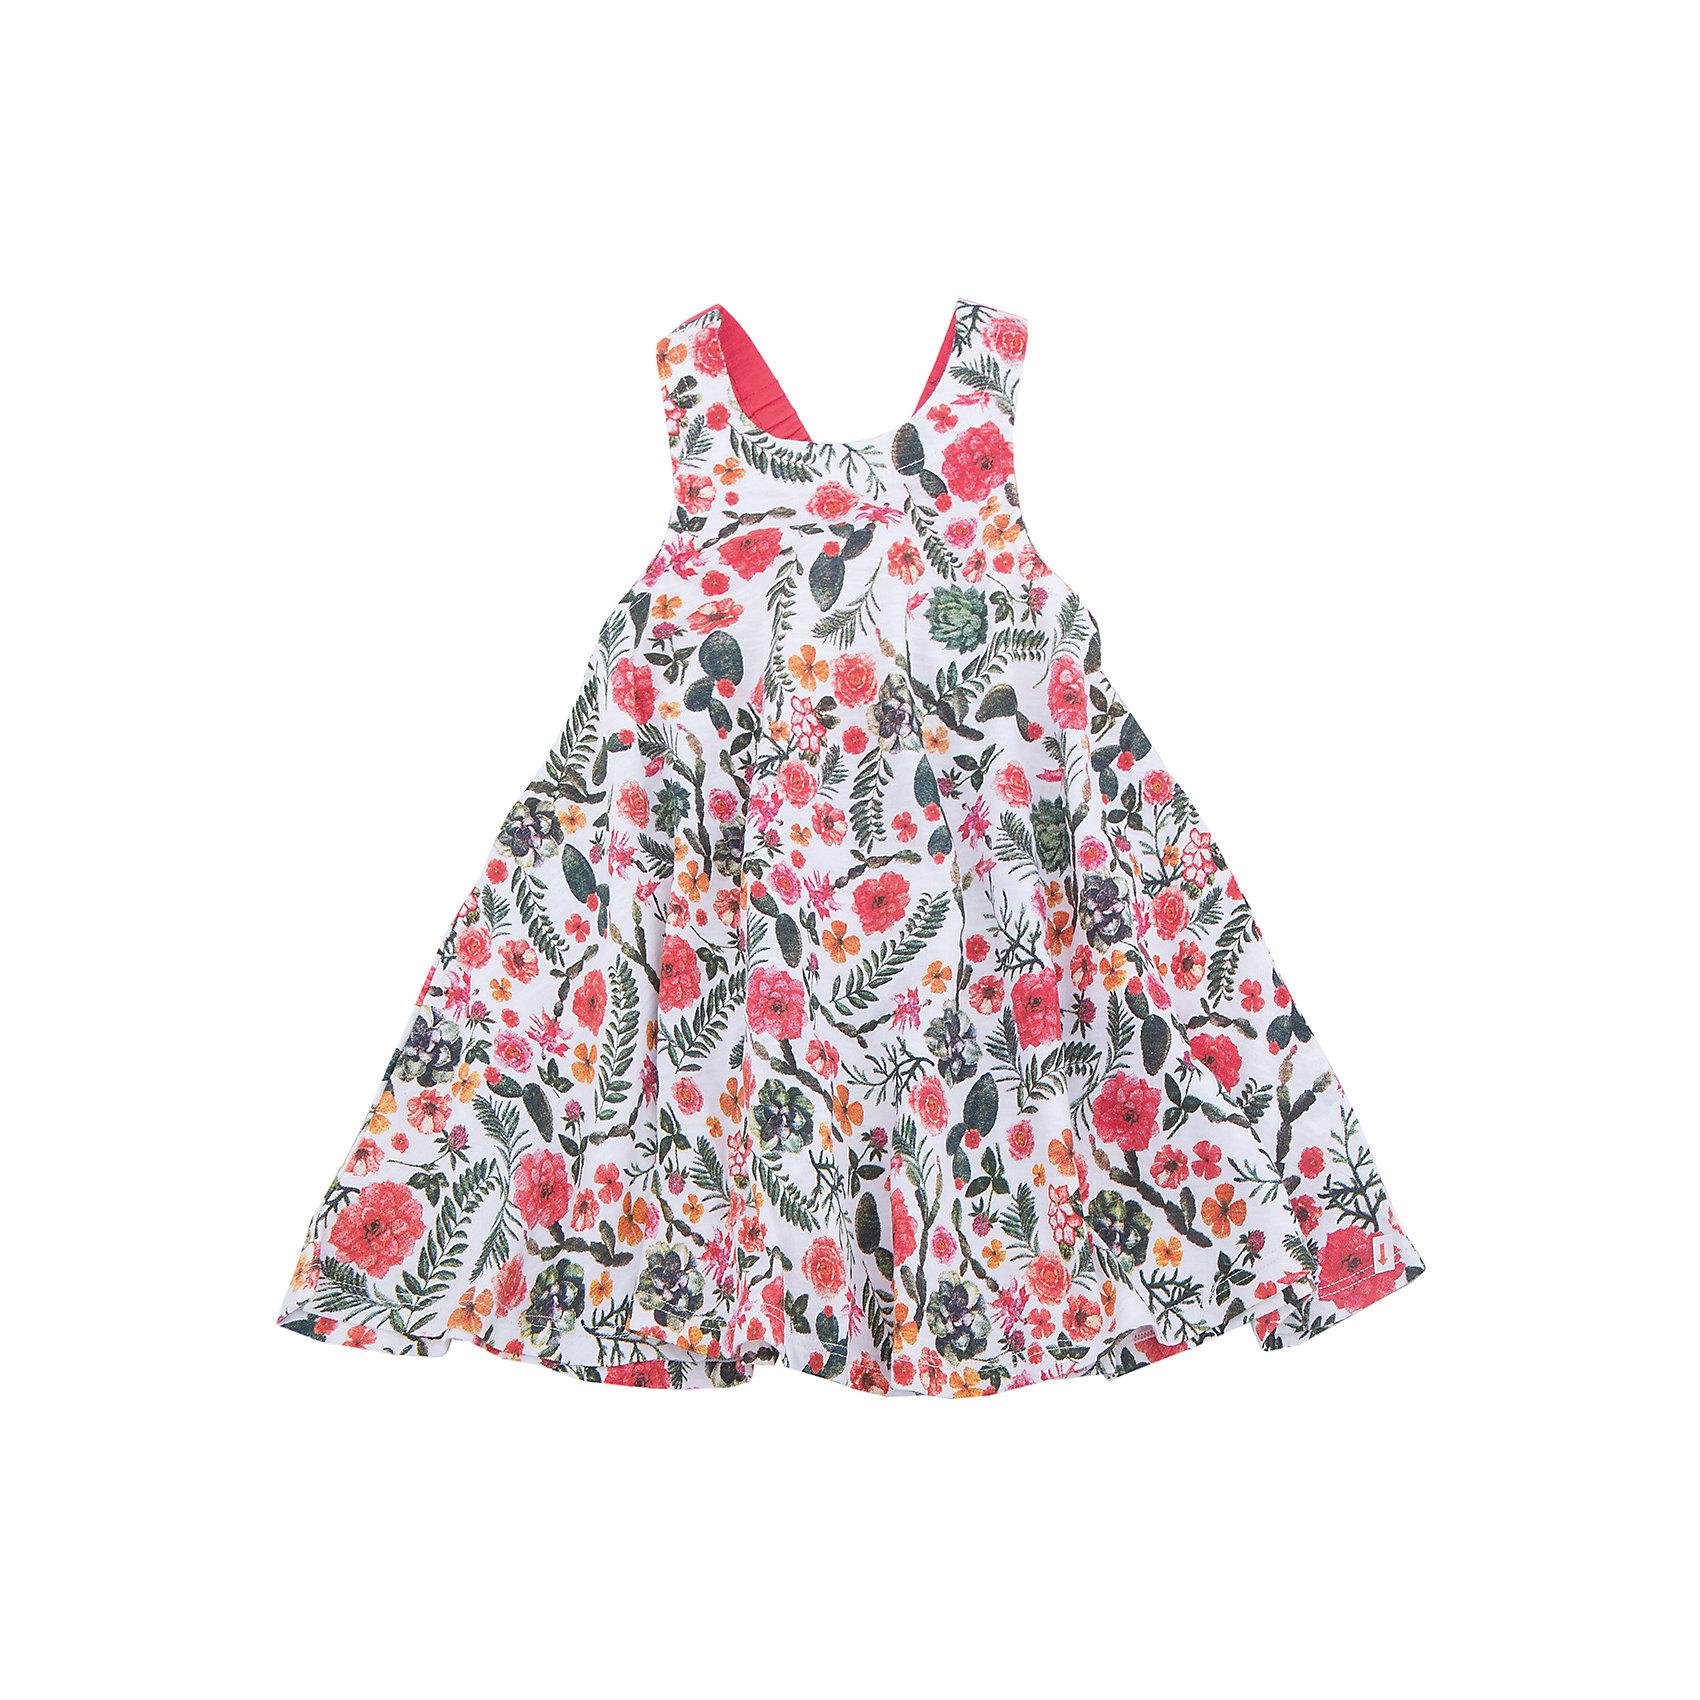 Сарафан для девочки SELAПлатья и сарафаны<br>Характеристики товара:<br><br>• цвет: мульти<br>• сезон: лето<br>• состав: 60% хлопок, 40% ПЭ<br>• силуэт расширенный к низу<br>• длина выше колена<br>• принт<br>• комфортная посадка<br>• страна бренда: Россия<br><br>Платье для девочки поможет разнообразить гардероб ребенка и обеспечить комфорт. <br>Оно отлично сочетается с различной обувью. Стильная и удобная вещь!<br>Одежда, обувь и аксессуары от российского бренда SELA не зря пользуются большой популярностью у детей и взрослых! Модели этой марки - стильные и удобные, цена при этом неизменно остается доступной. Для их производства используются только безопасные, качественные материалы и фурнитура. Новая коллекция поддерживает хорошие традиции бренда! <br><br>Платье для девочки от популярного бренда SELA (СЕЛА) можно купить в нашем интернет-магазине.<br><br>Ширина мм: 236<br>Глубина мм: 16<br>Высота мм: 184<br>Вес г: 177<br>Цвет: белый<br>Возраст от месяцев: 48<br>Возраст до месяцев: 60<br>Пол: Женский<br>Возраст: Детский<br>Размер: 110,116,92,98,104<br>SKU: 5305411